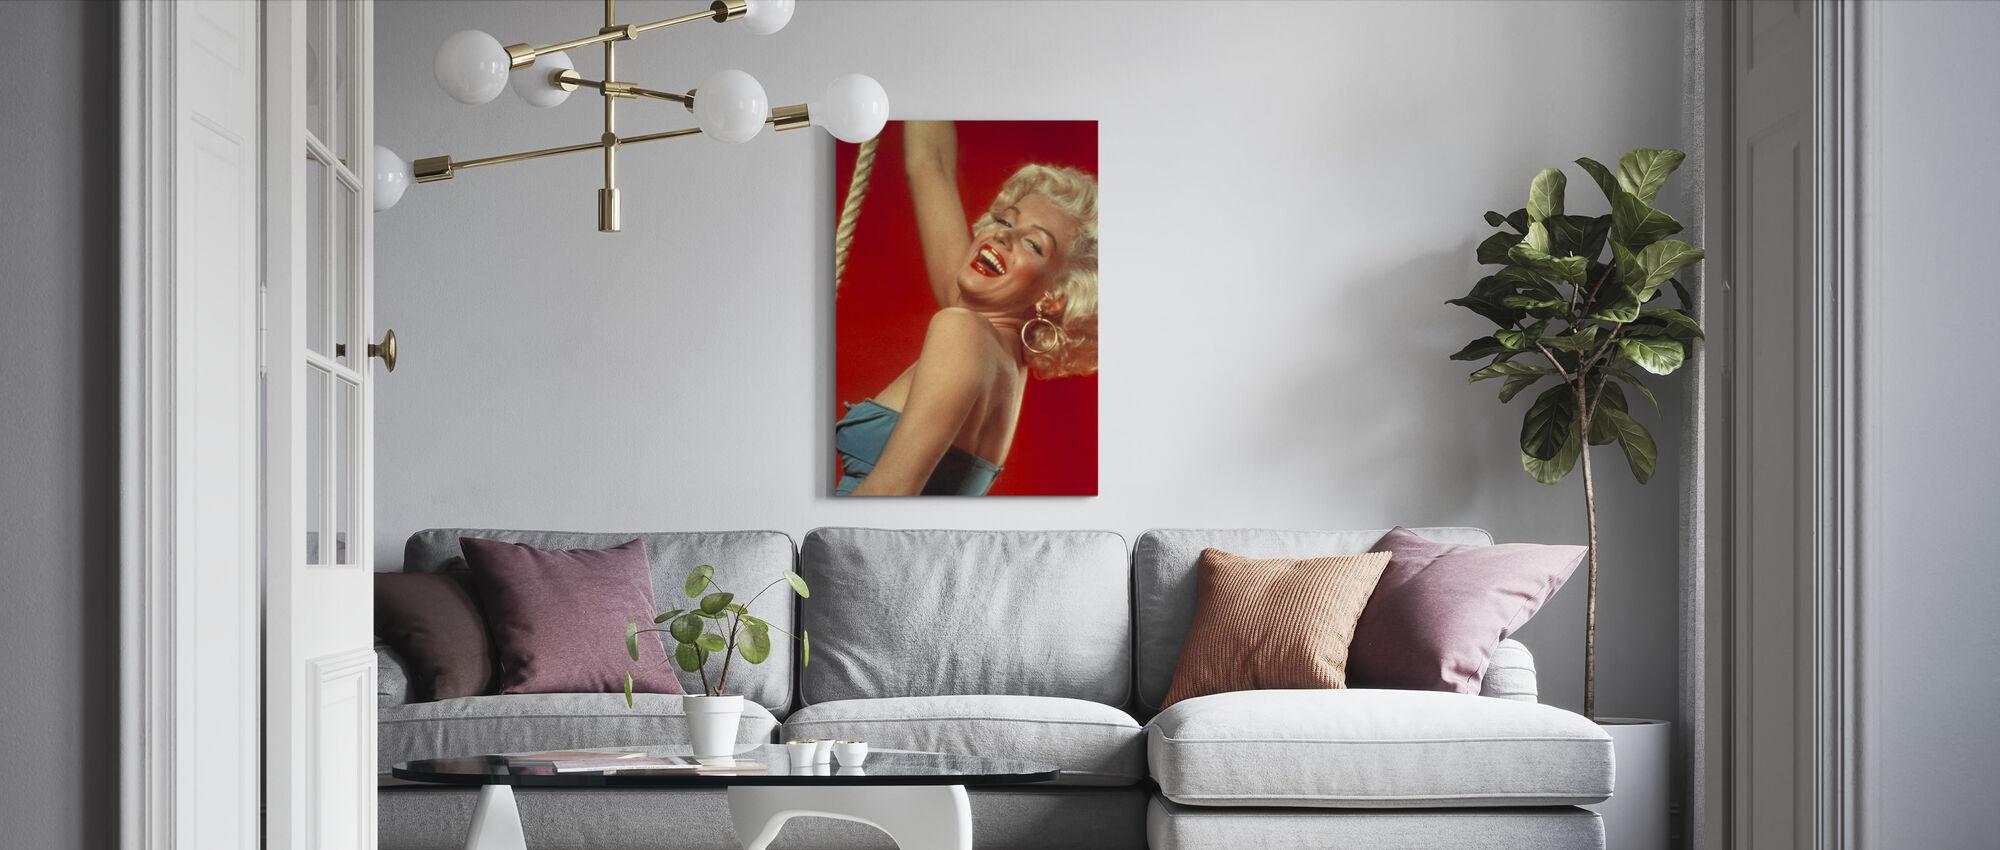 Legandary Blondi - Canvastaulu - Olohuone